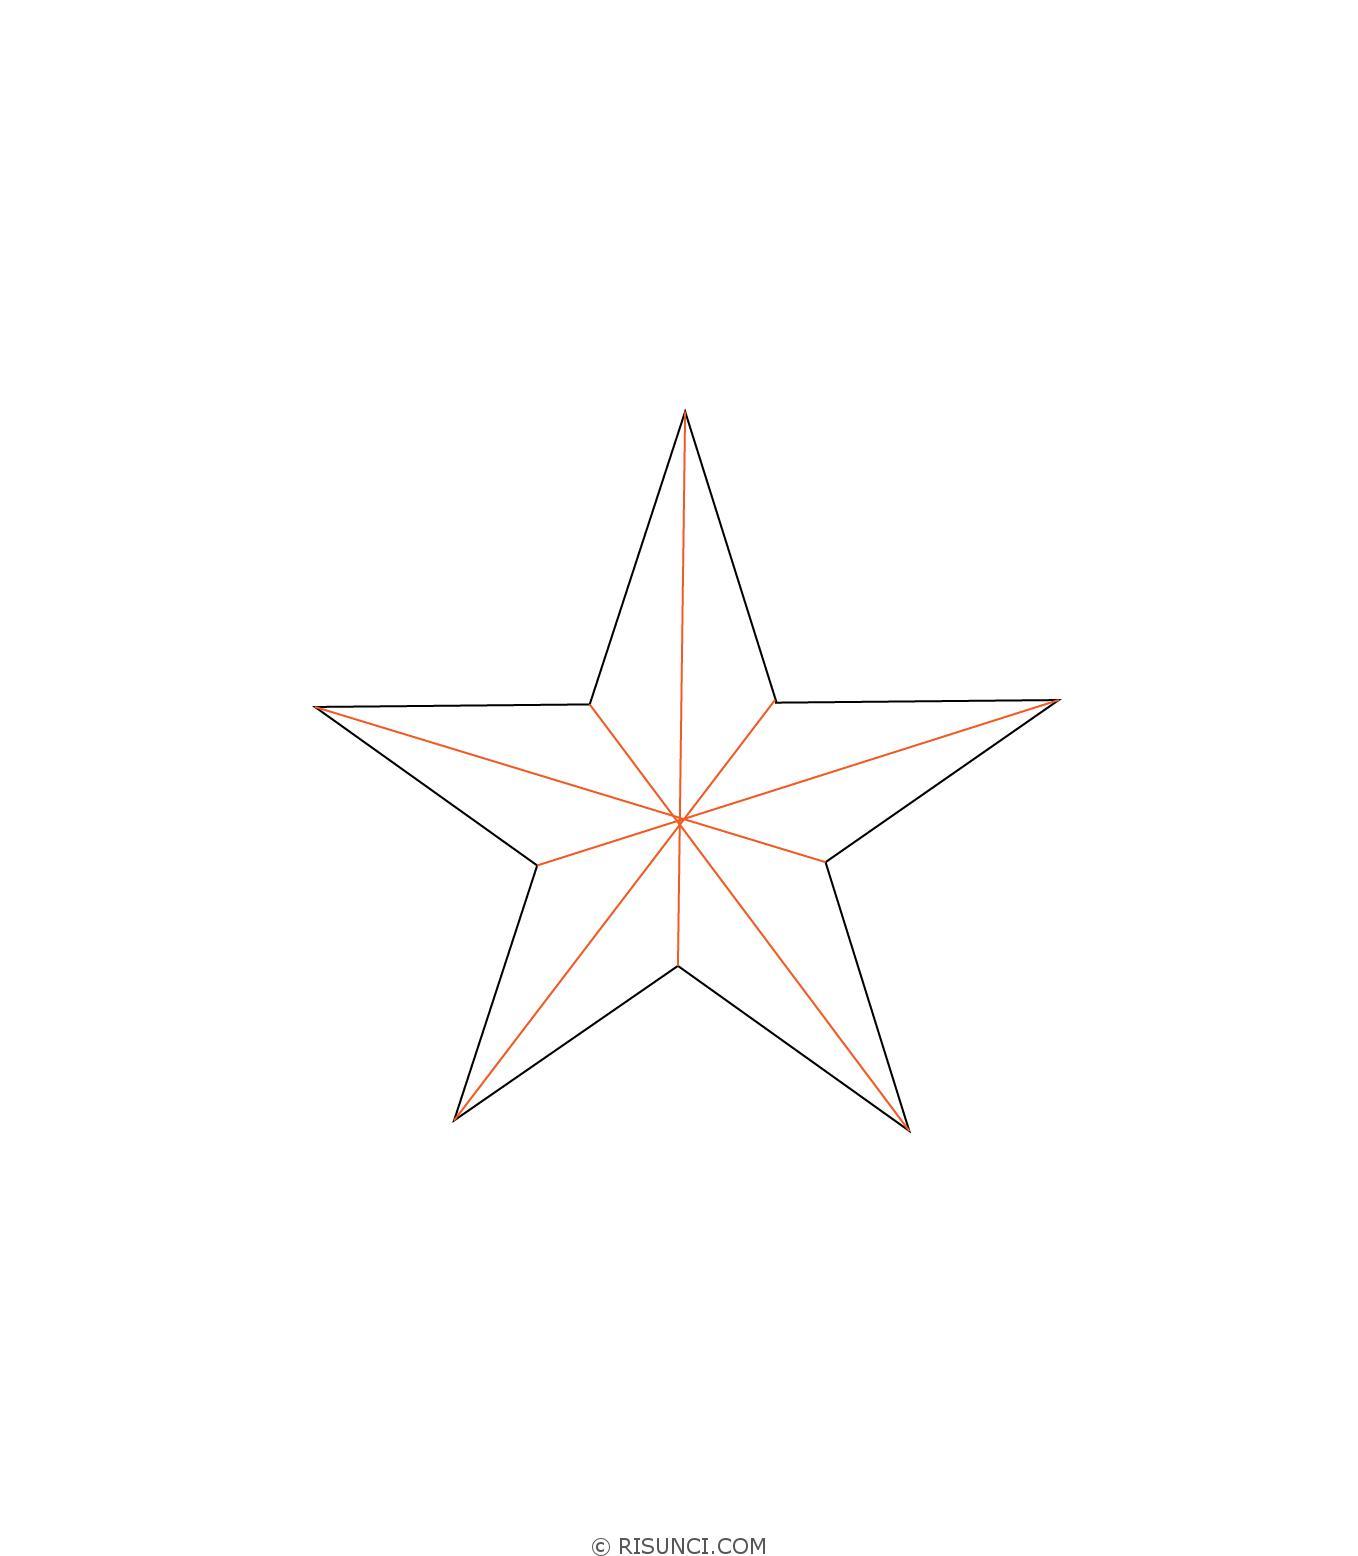 клюшкой как нарисовать звезду поэтапно фото изонить для